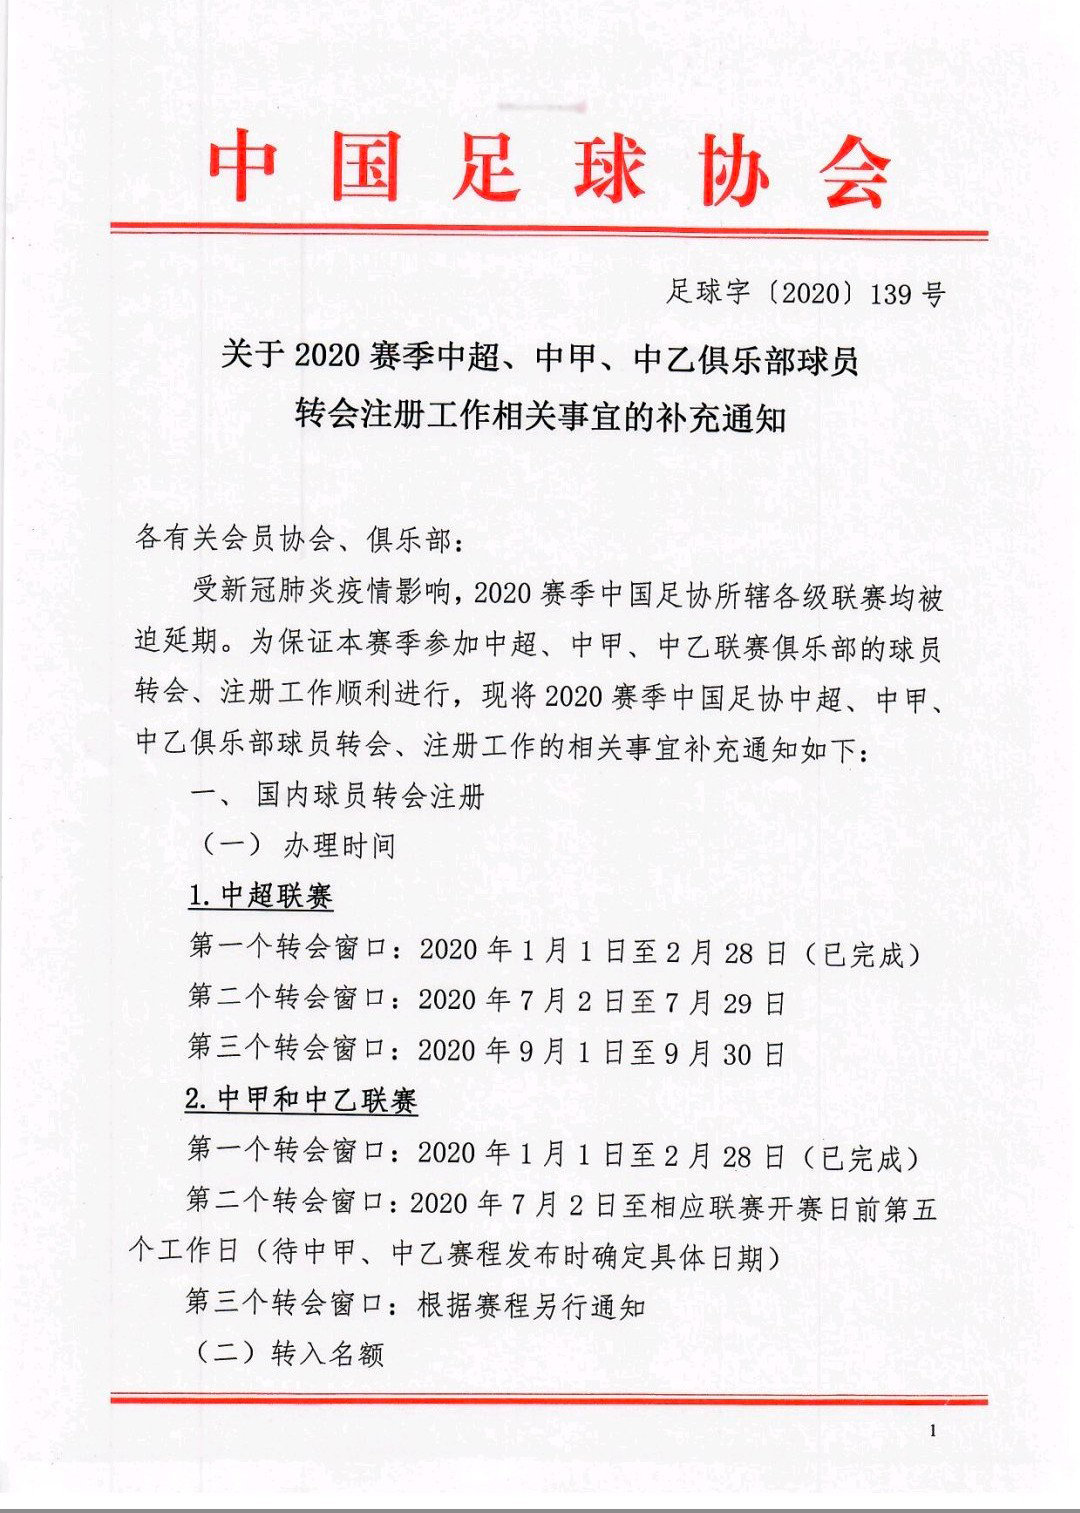 中国足球协会关于2020赛季中超、中甲、中乙俱乐部球员转会注册工作